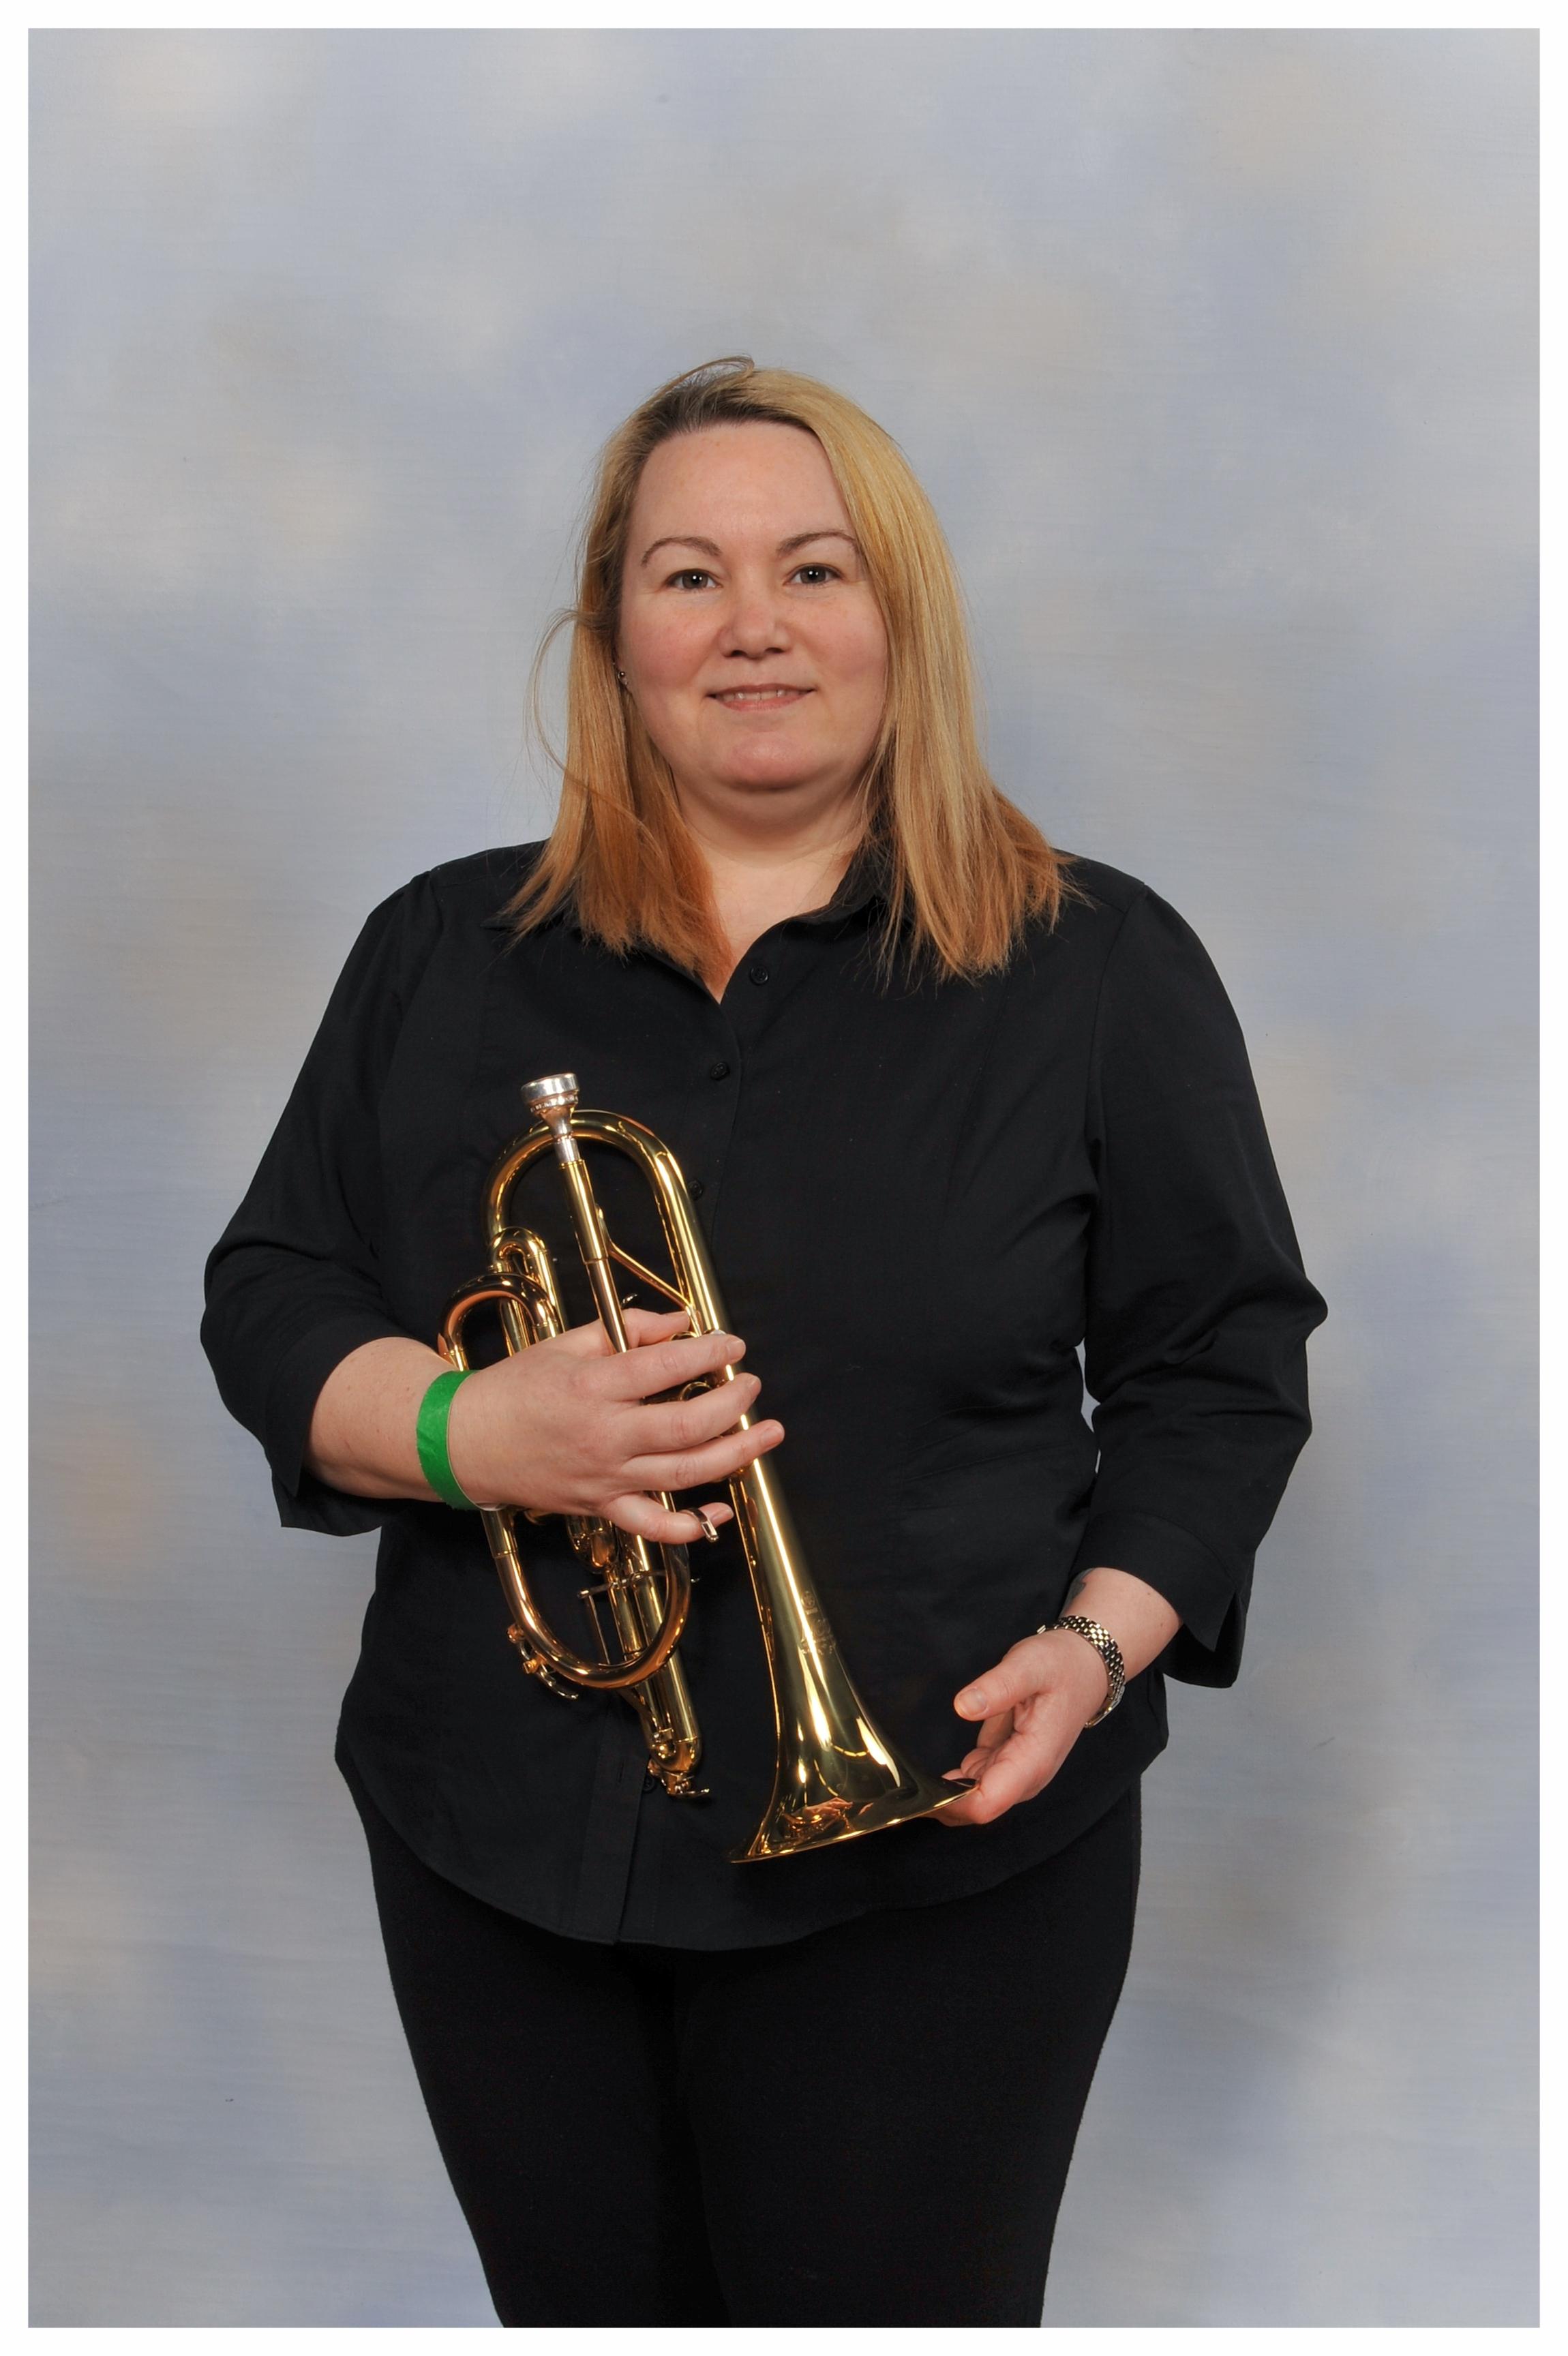 Tracey Bennett